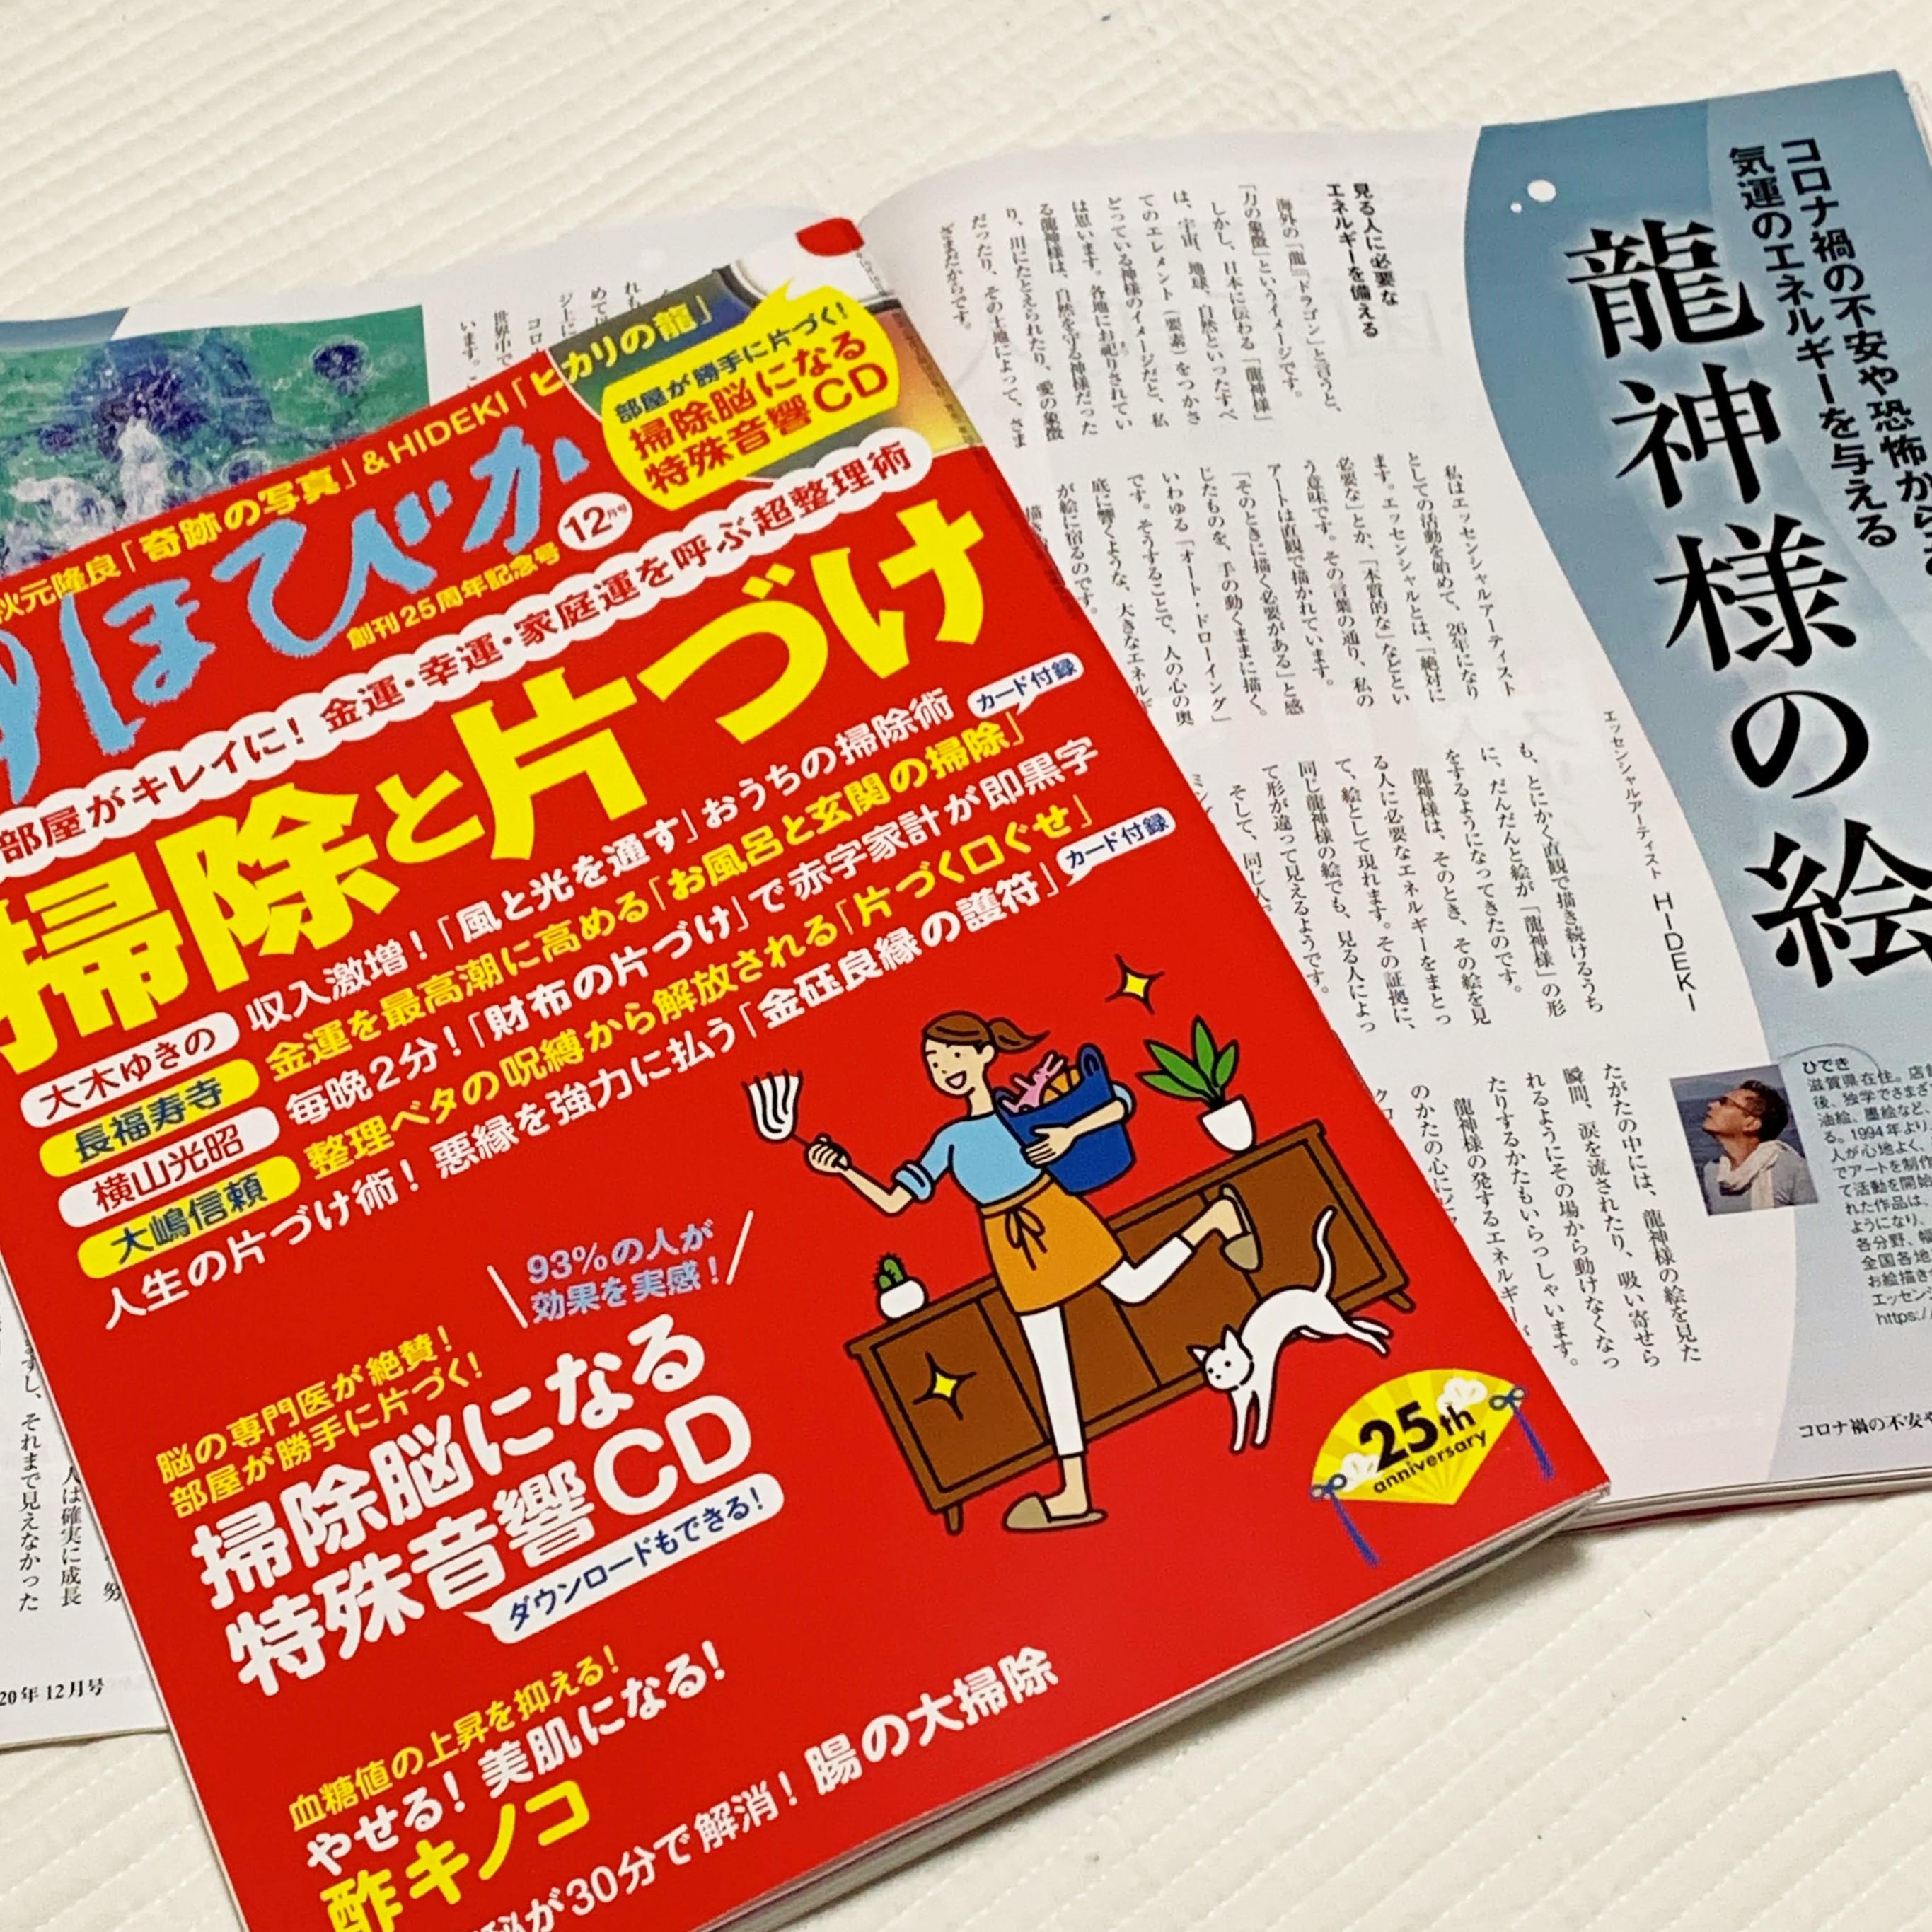 『ゆほびか』12月号、記事掲載のお知らせ